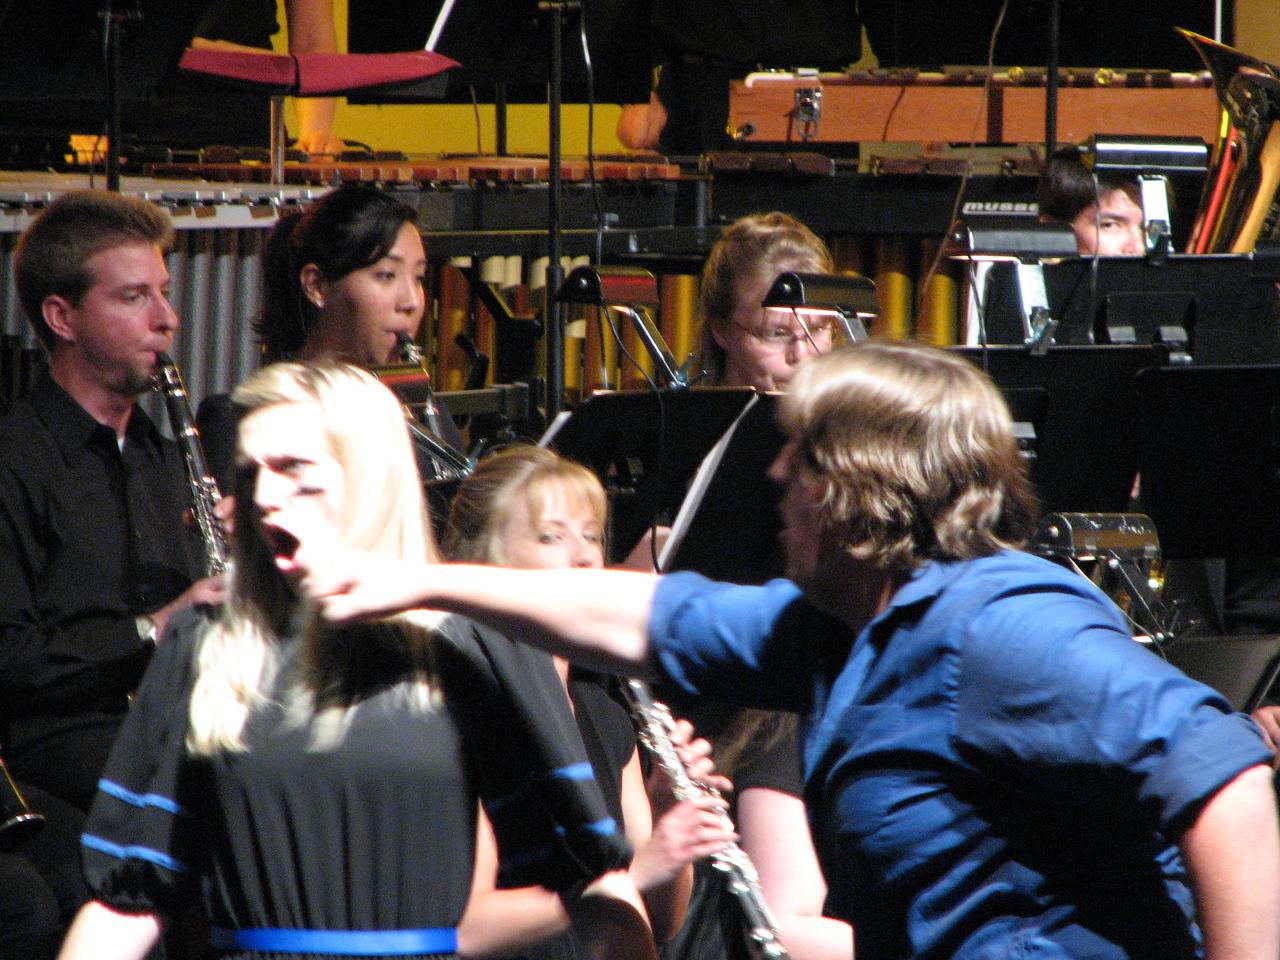 2008 05 03 Sat - Symphonic Winds POPS Concert skit 3